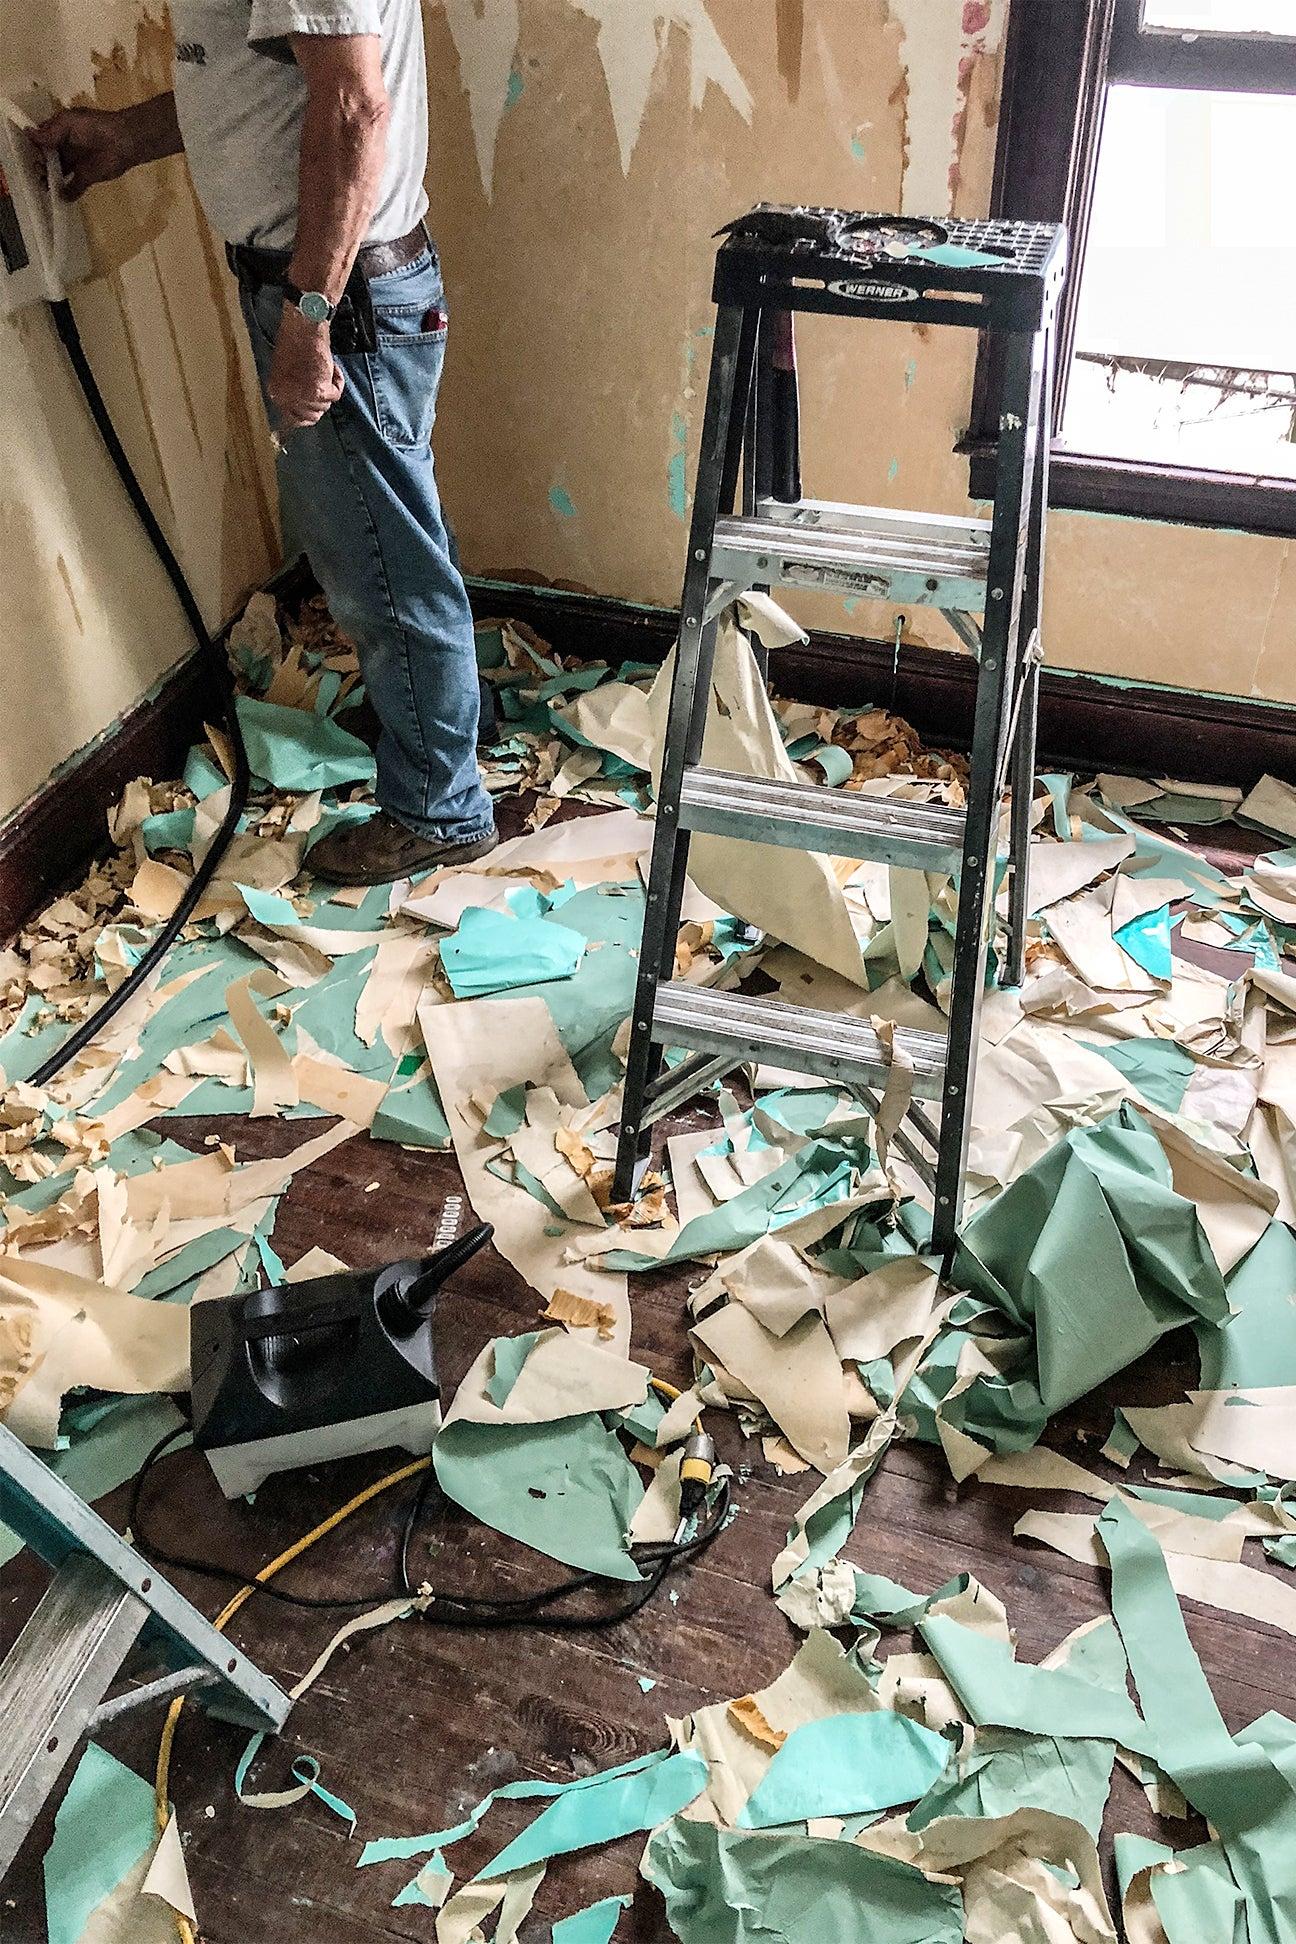 wallpaper scraps on floor